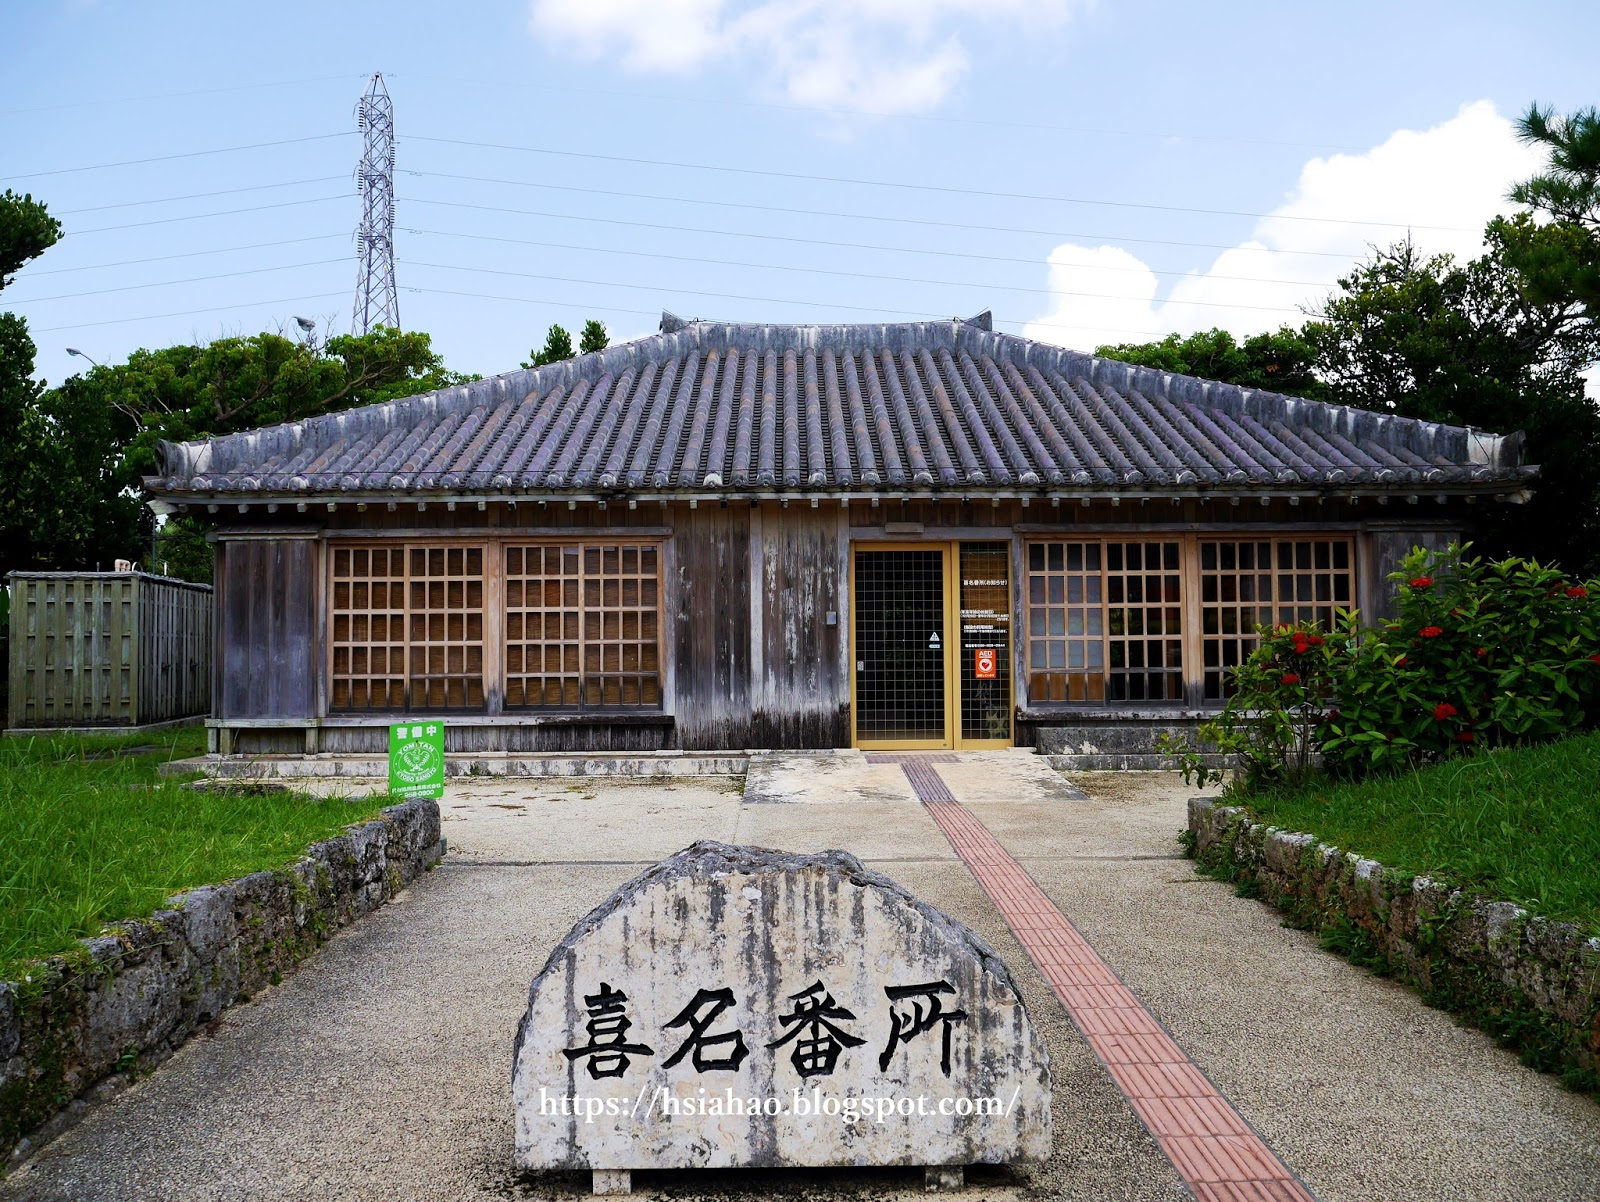 沖繩-推薦-景點-喜名番所-自由行-旅遊-Okinawa-Yomitan